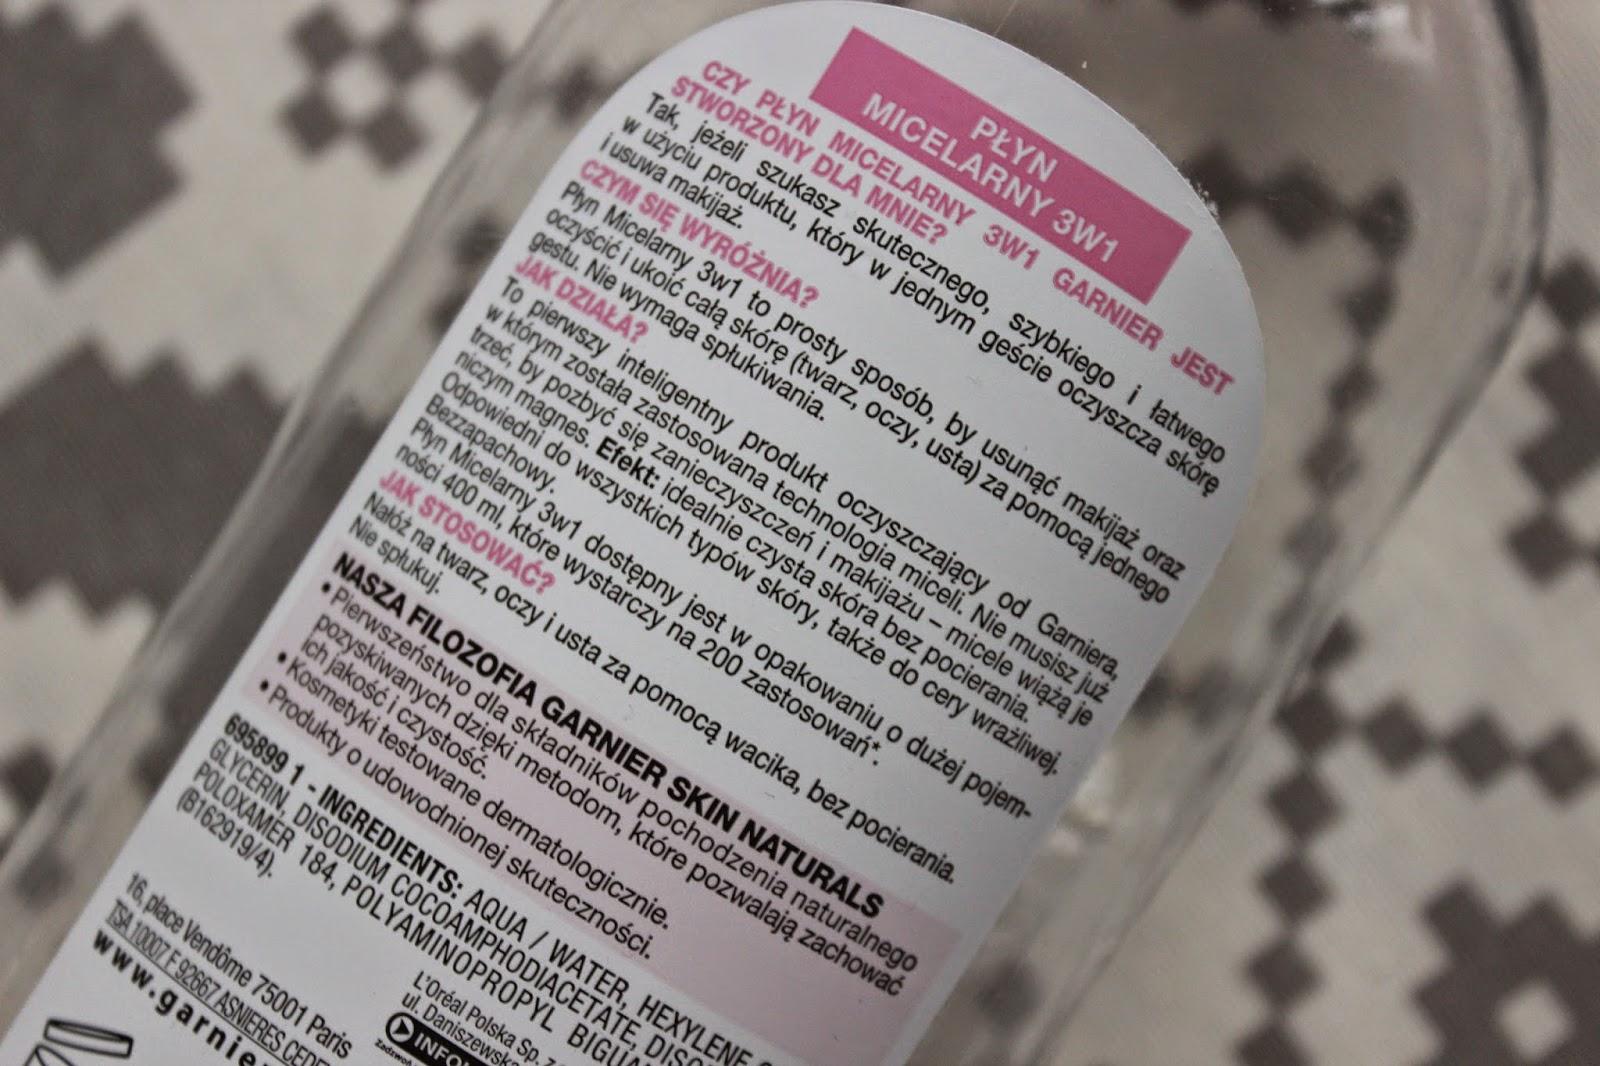 garnier różowy płyn micelarny do skóry wrażliwej opinia recenzja skóra trądzikowa 3